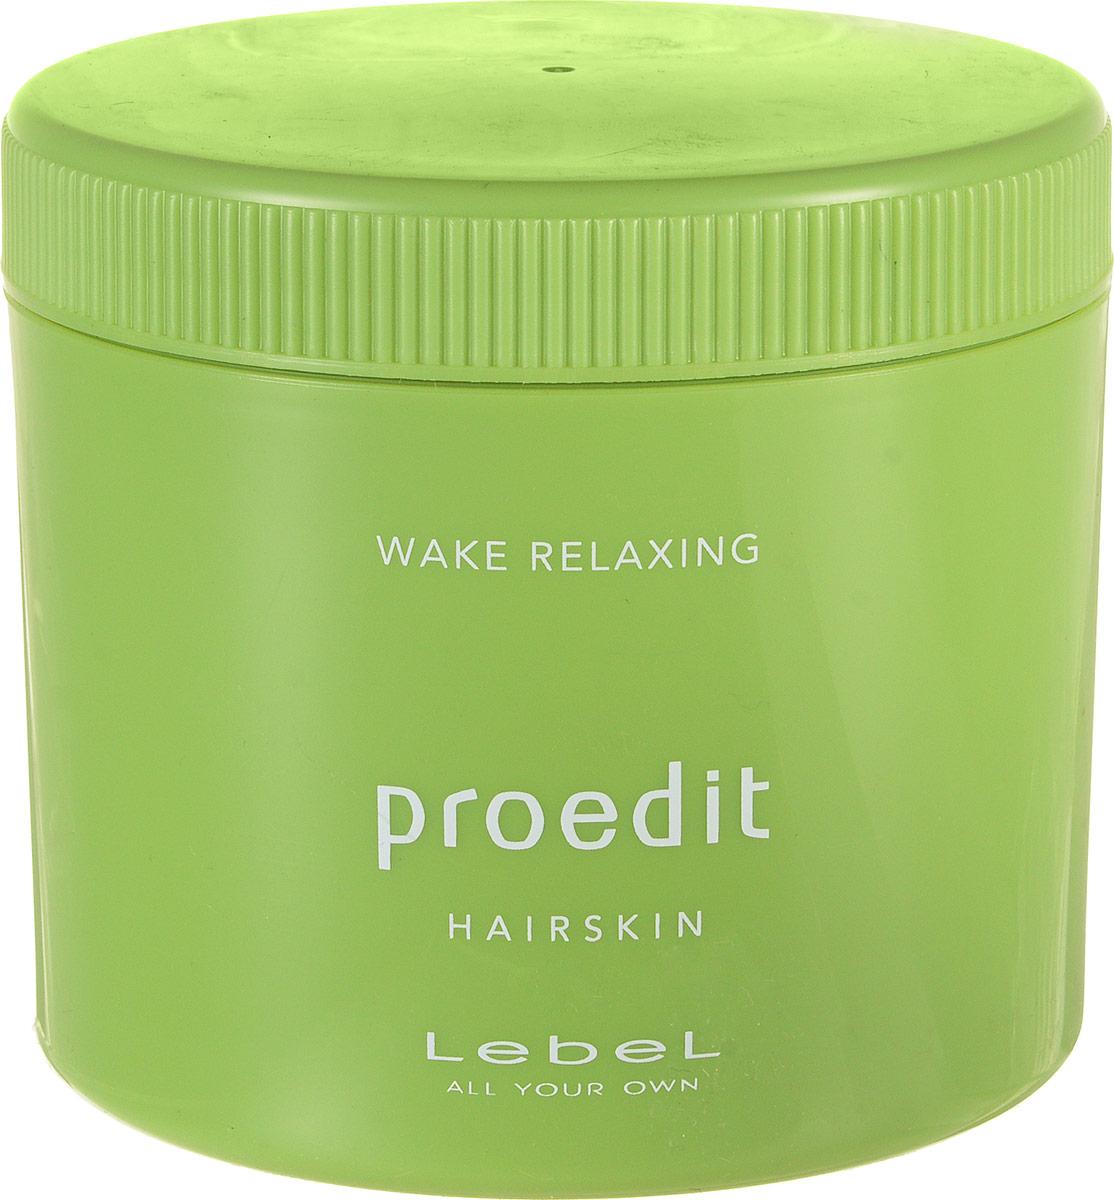 Lebel Proedit Крем для волос Пробуждение Hairskin Wake Relaxing 360 г3785лпКрем для волос «Пробуждение» Lebel Proedit Hairskin: Стимулирует рост волос. Снимает мышечное напряжение кожи головы. Придаёт волосам эластичность, гладкость, блеск. Делает волосы послушными, податливыми укладке. Идеален для жёстких и сухих волос. SPF 10.